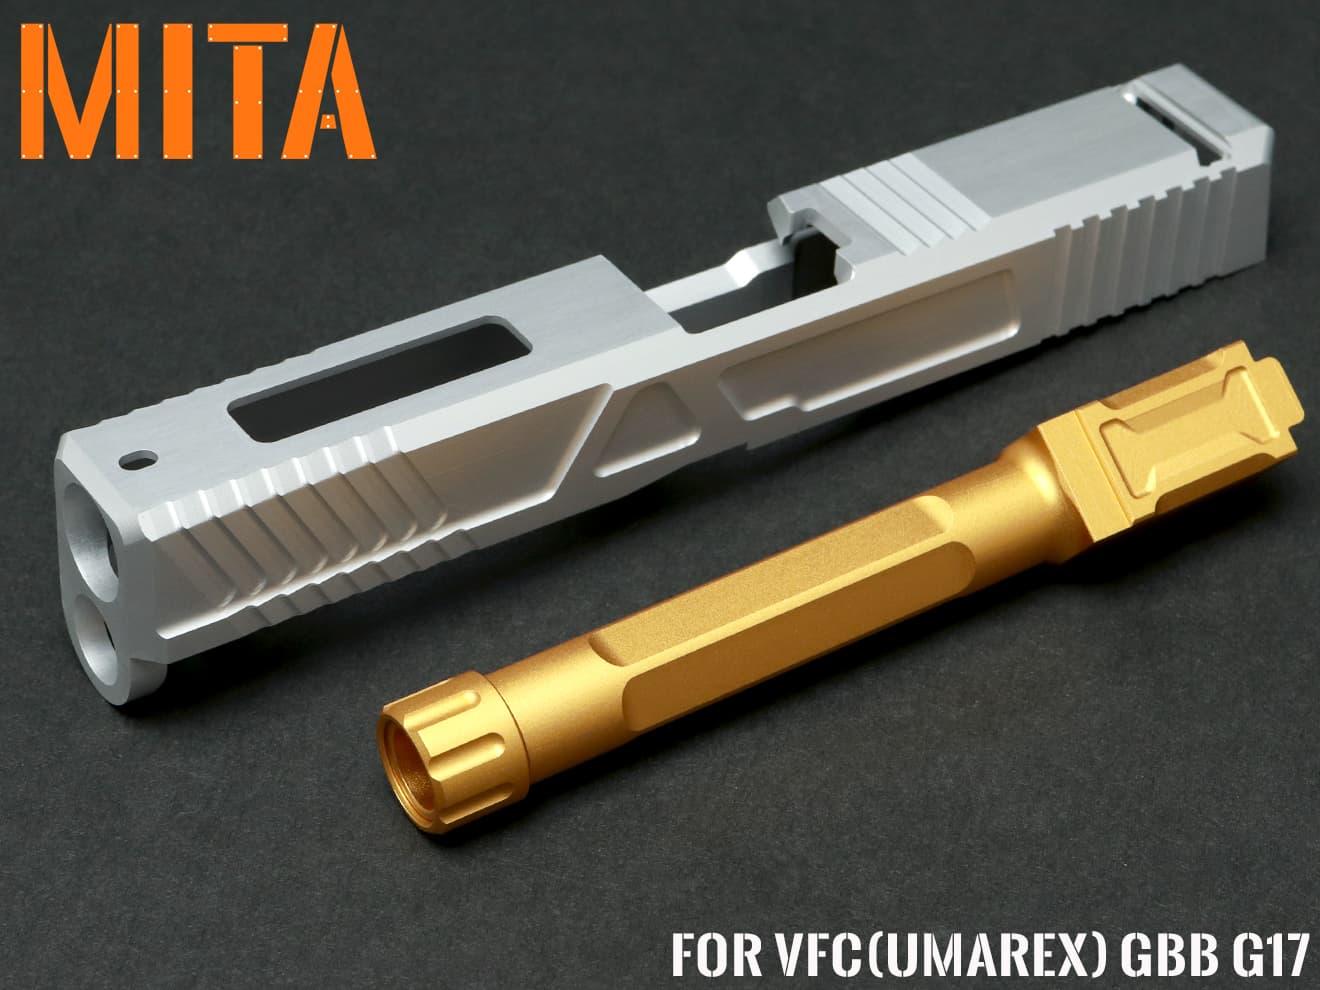 MITA アルミスライドCNC カスタムスライドキット for VFC GBB G17◆光沢シルバー UMAREX グロックG17 ヘキサゴンフルートバレル 14mm逆ネジ